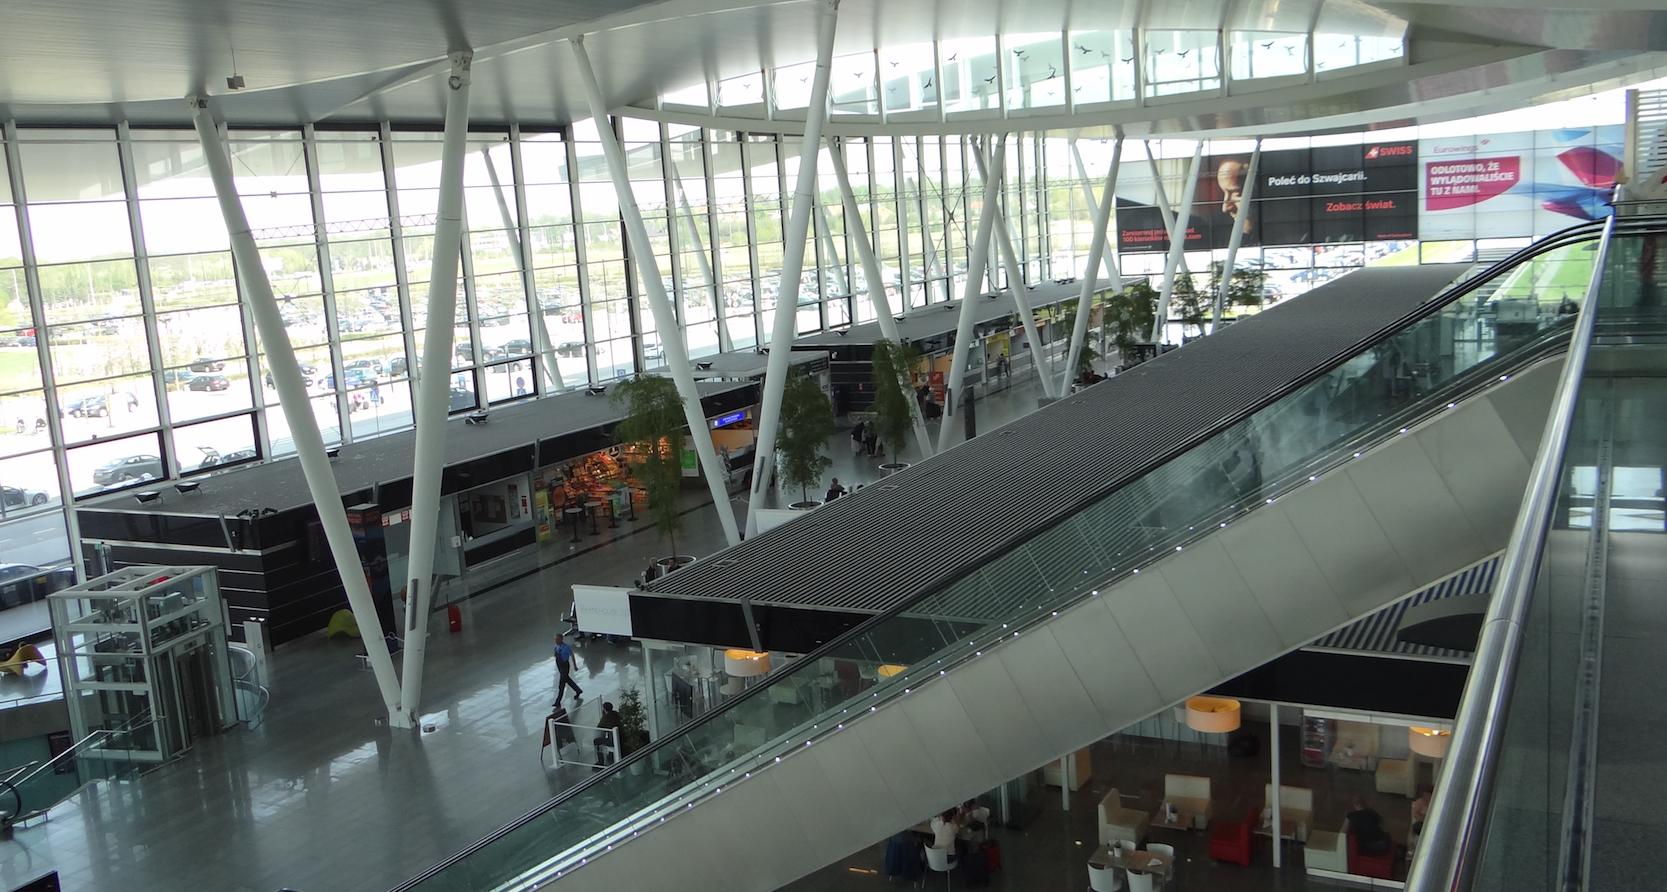 Wrocław. Terminal. 2018 rok. Zdjęcie Karol Placha Hetman